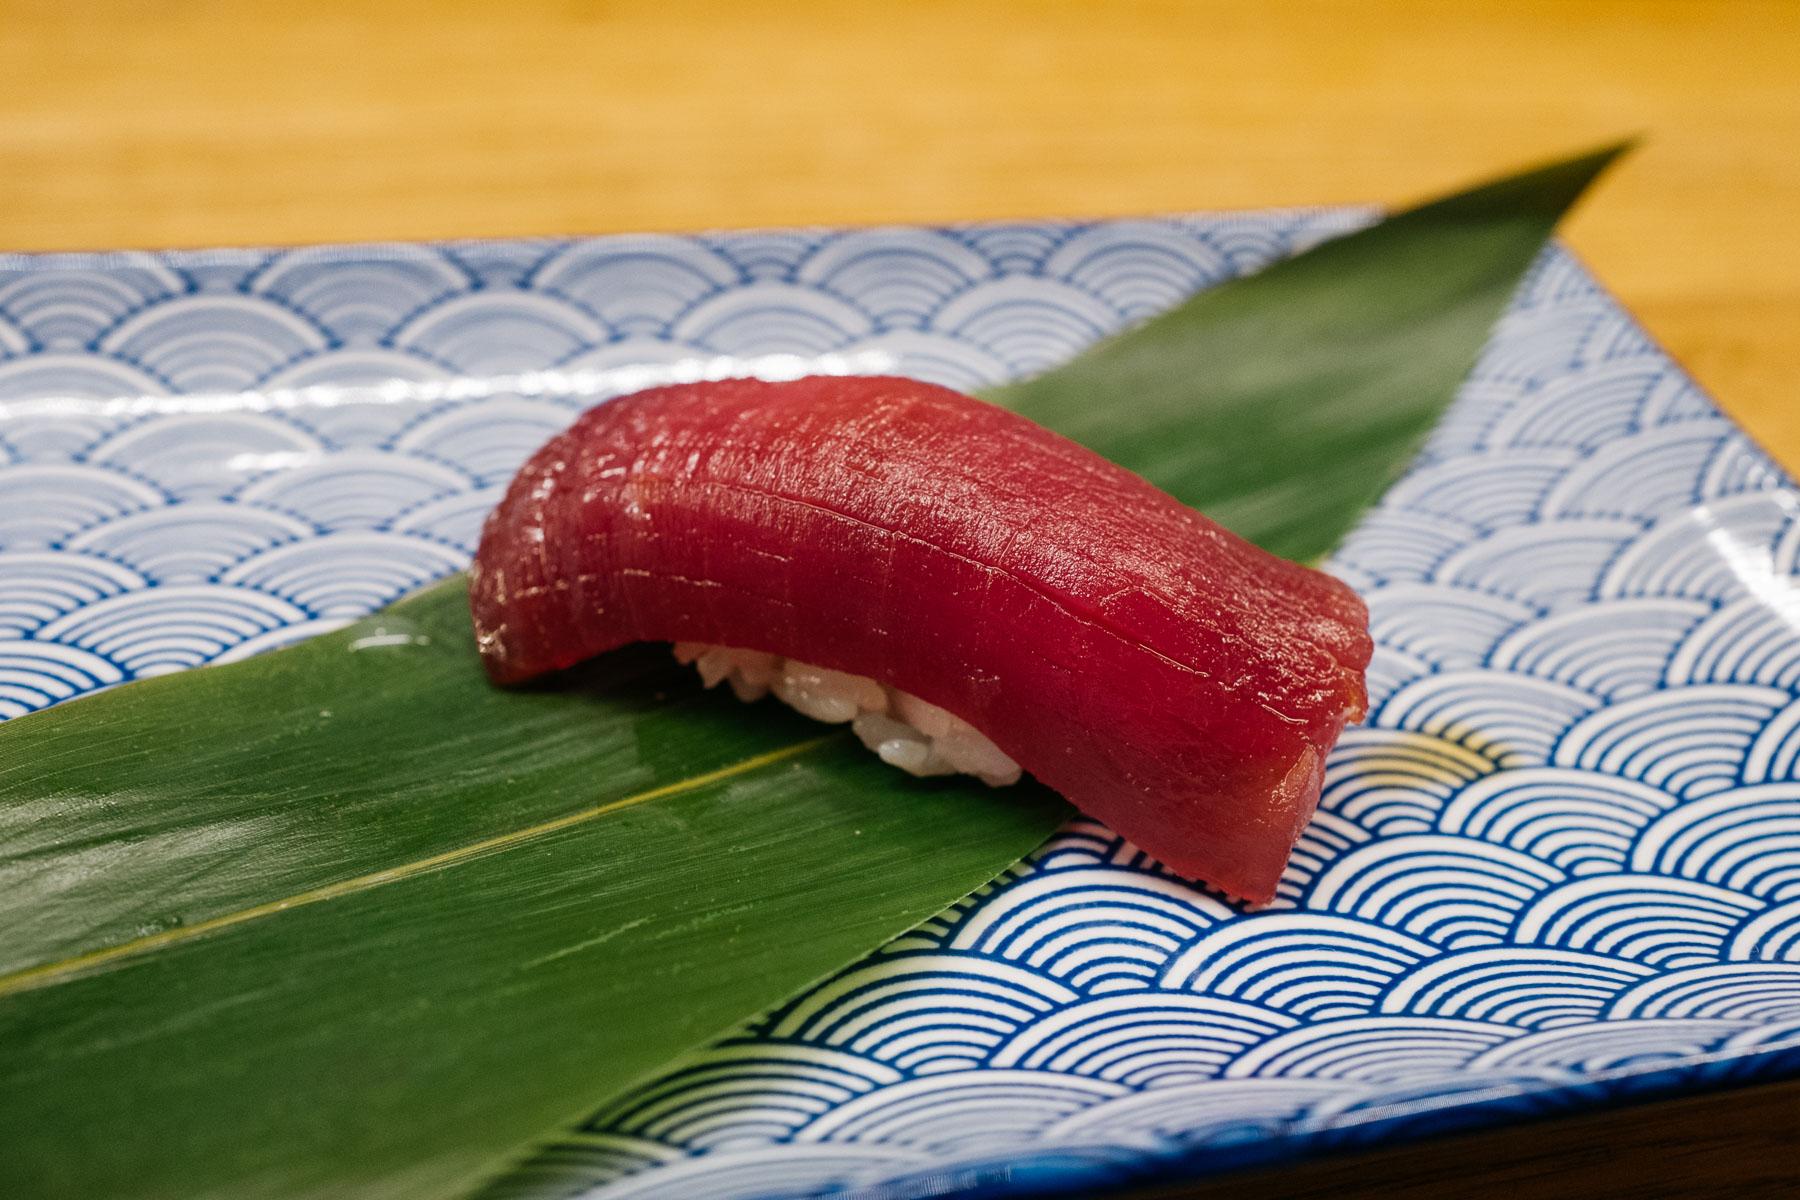 Zuke akami (marynowany tuńczyk)